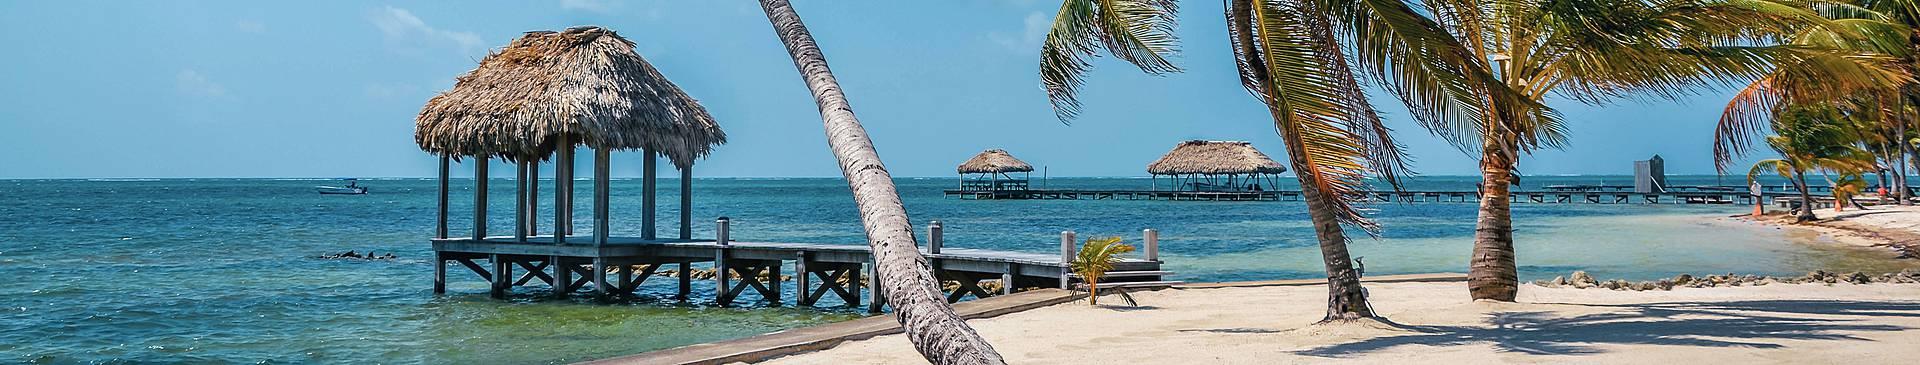 Voyage plage au Belize